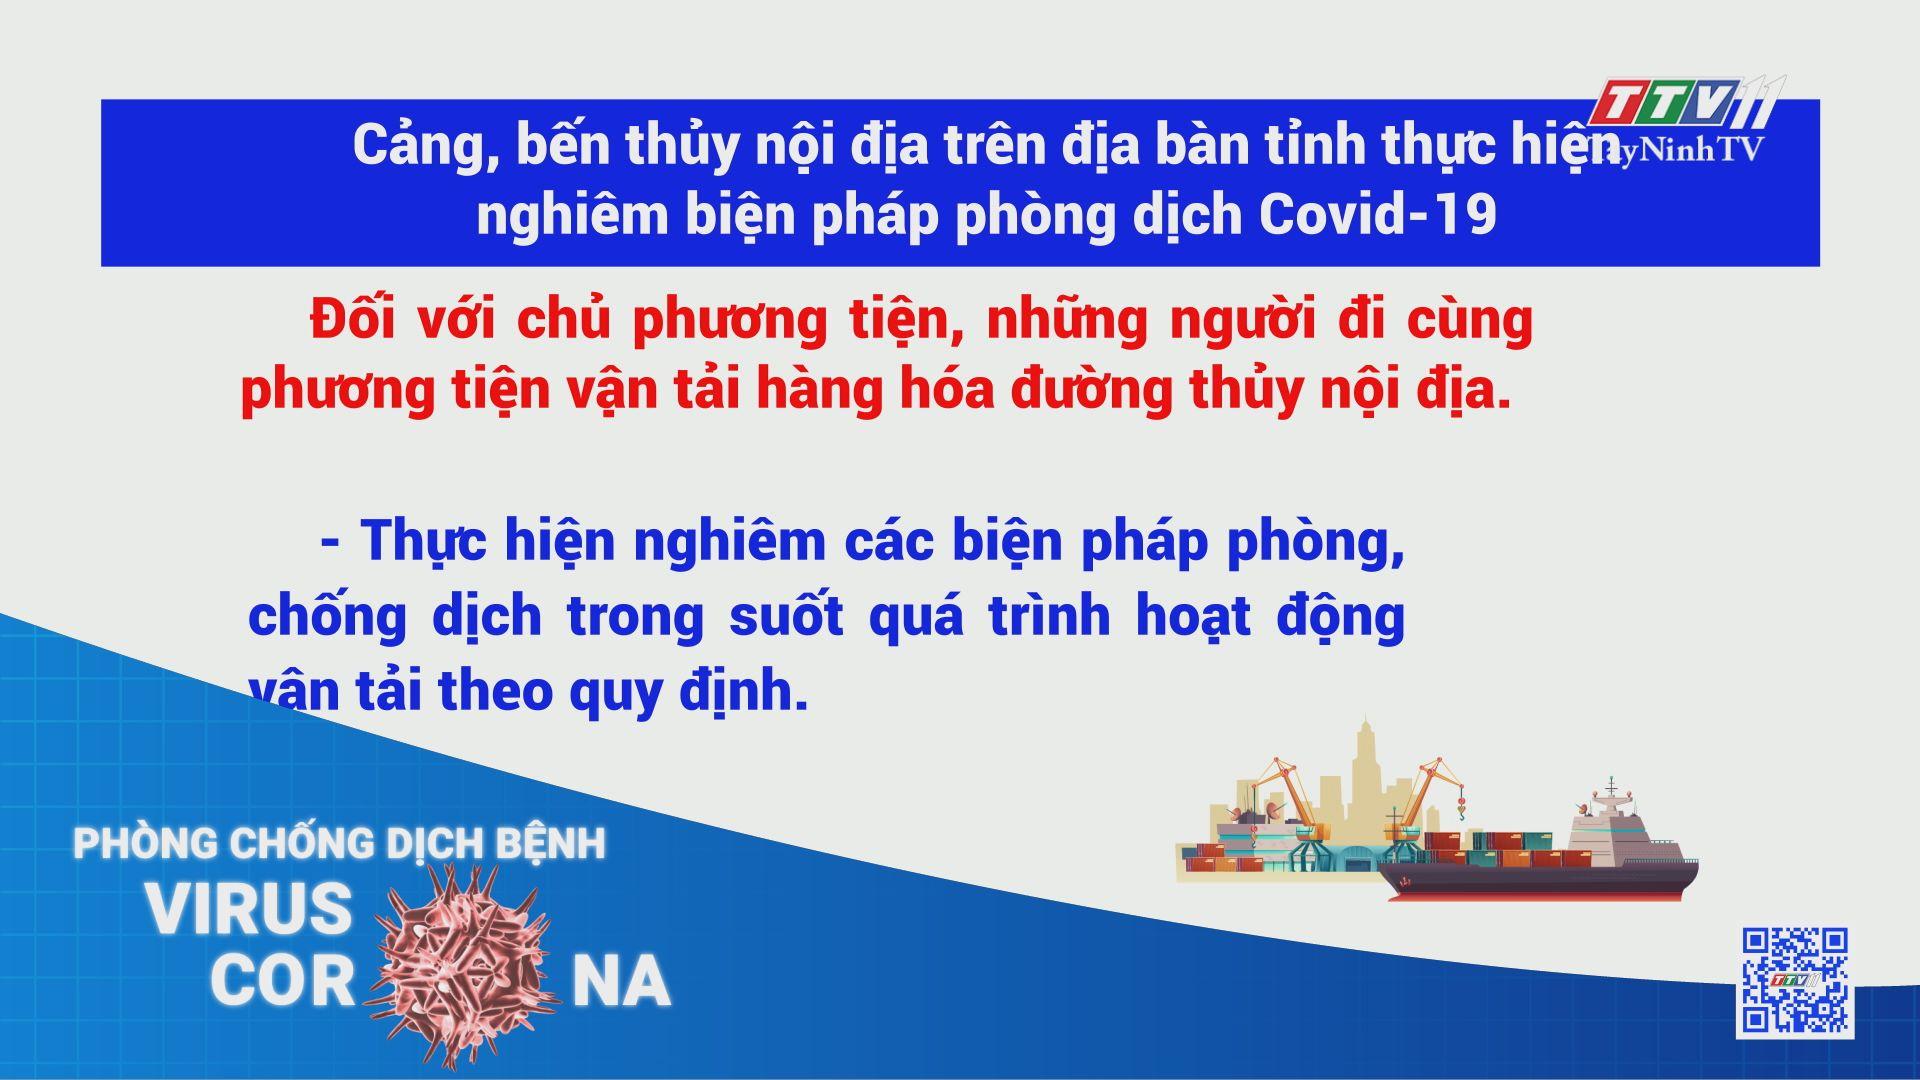 Cảng, bến thủy nội địa trên địa bàn tỉnh thực hiện nghiêm biện pháp phòng dịch Covid-19 | THÔNG TIN DỊCH COVID-19 | TayNinhTV